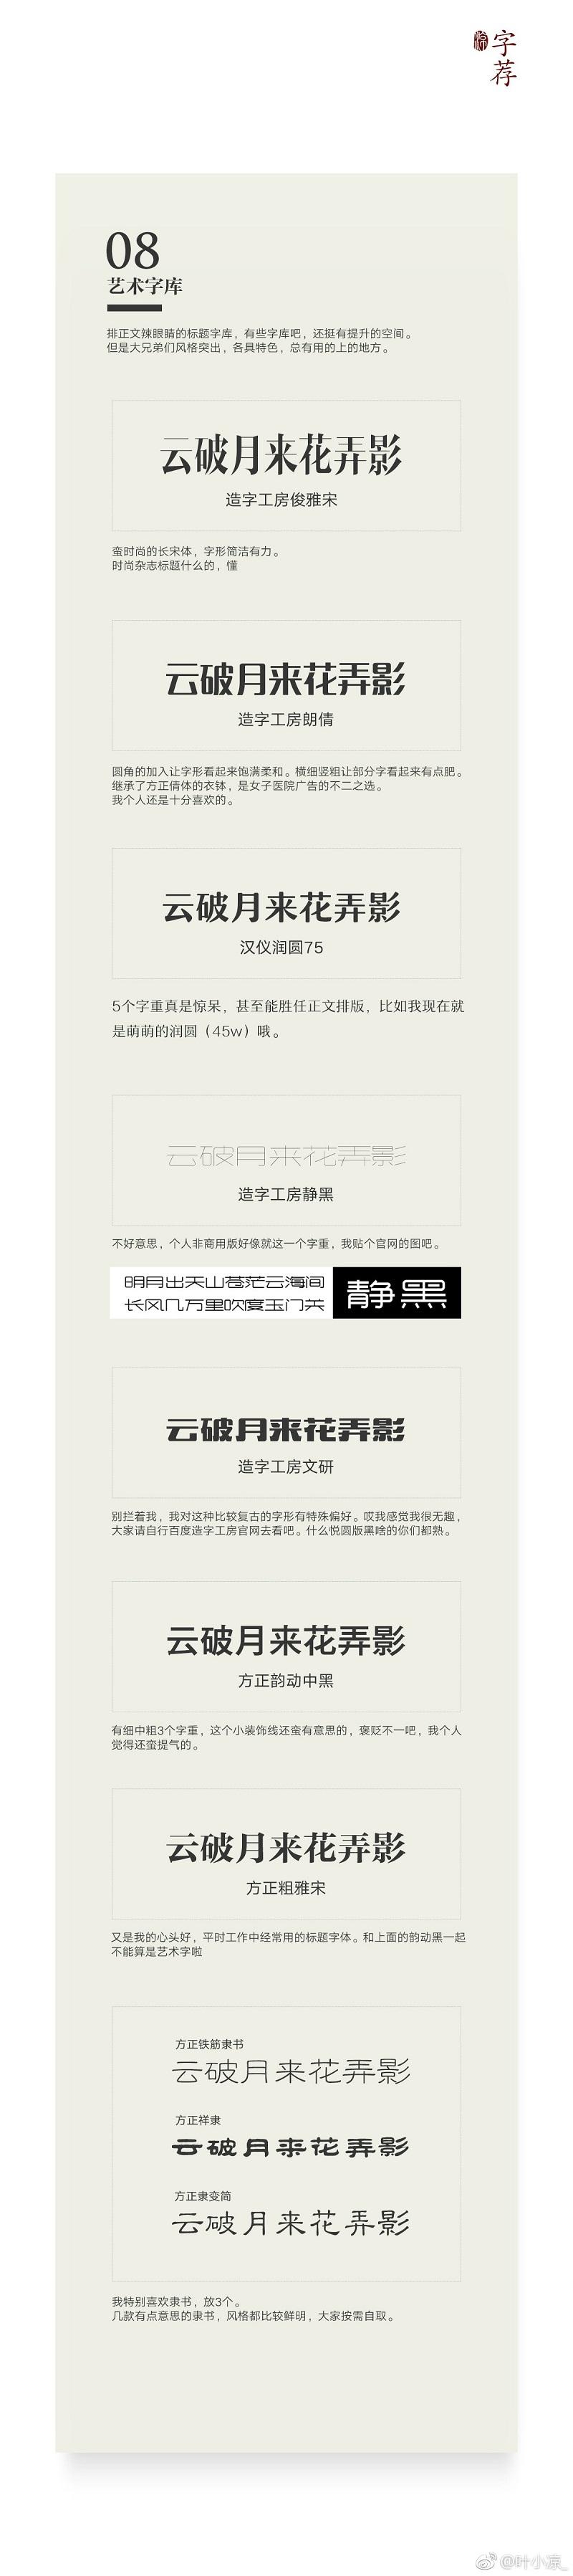 中文字体赏析4.jpg